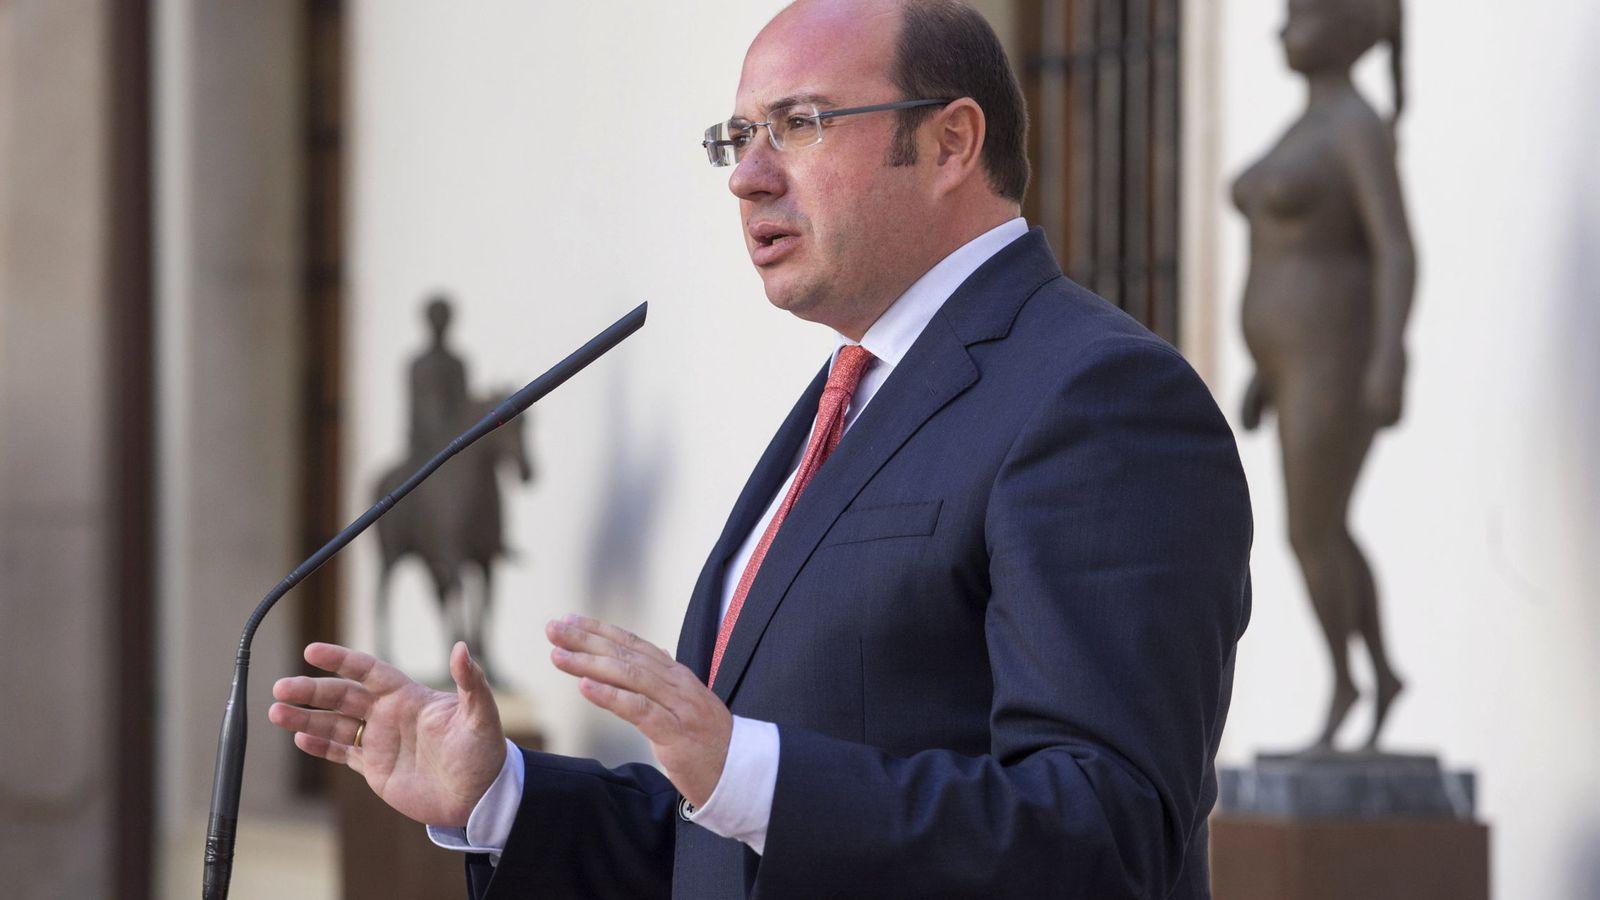 Foto: El presidente de la Comunidad de Murcia Pedro Antonio Sánchez. (Efe)